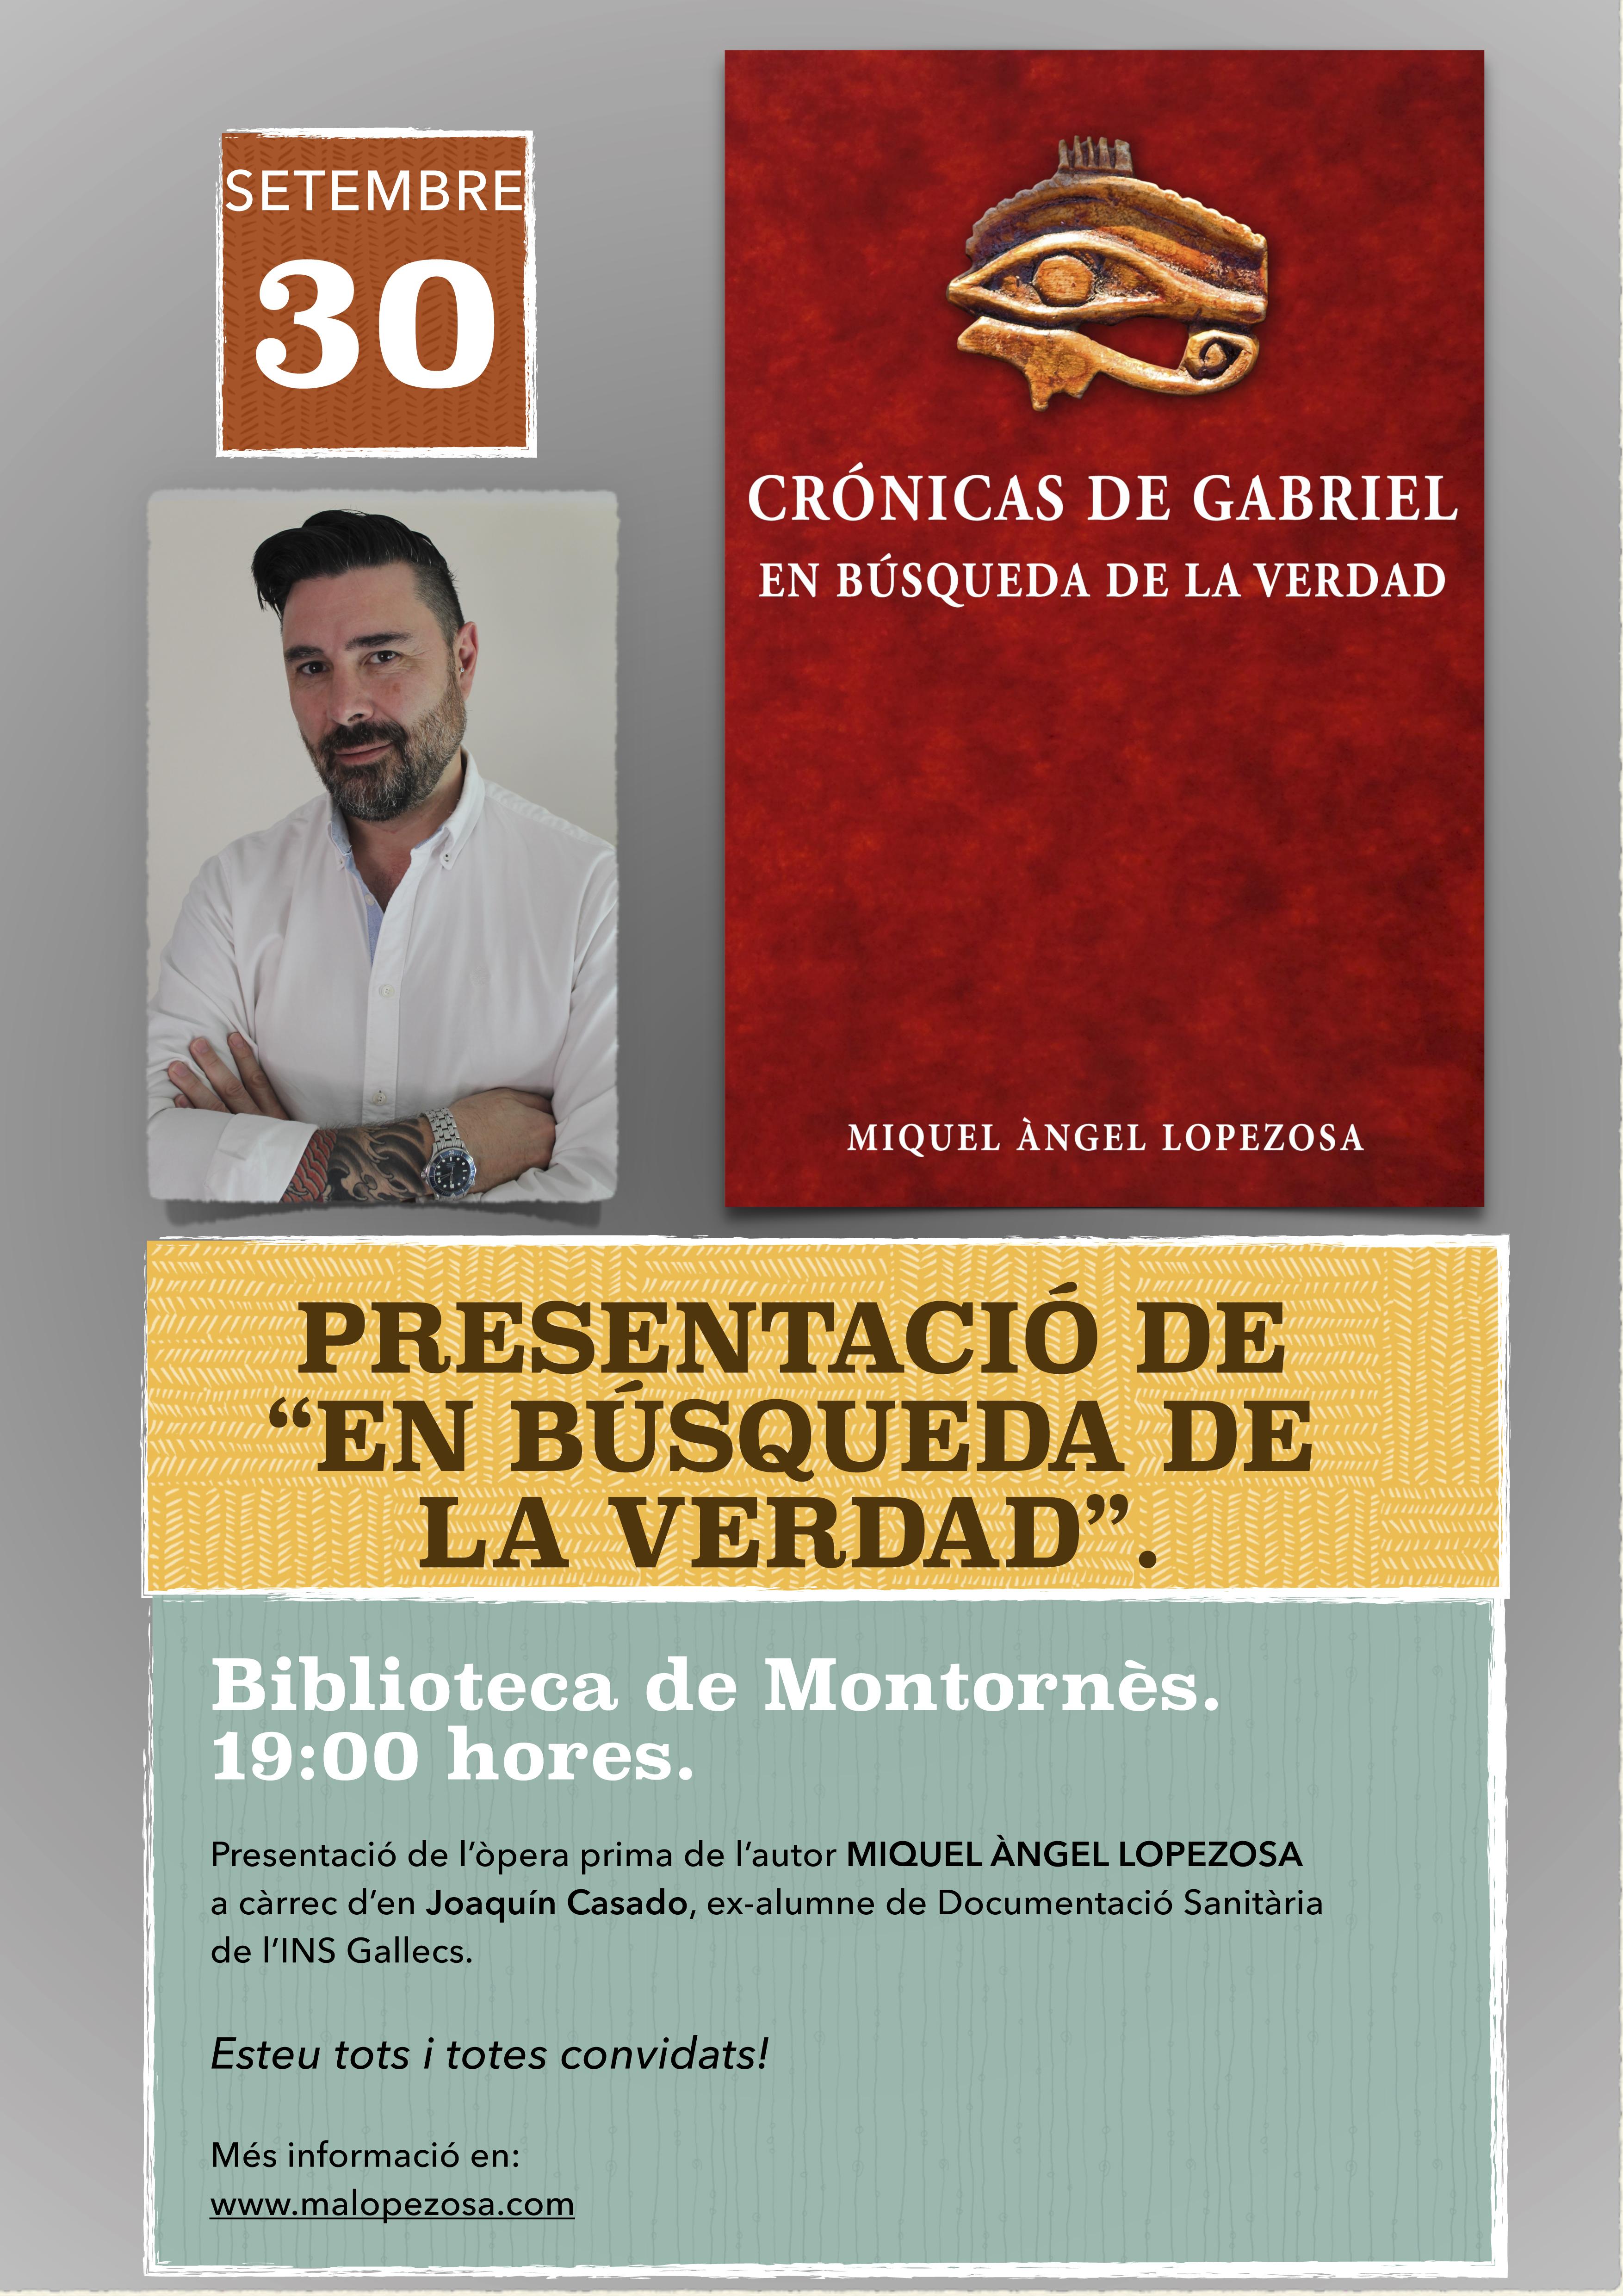 PÒSTER PRESENTACIÓ 30-09